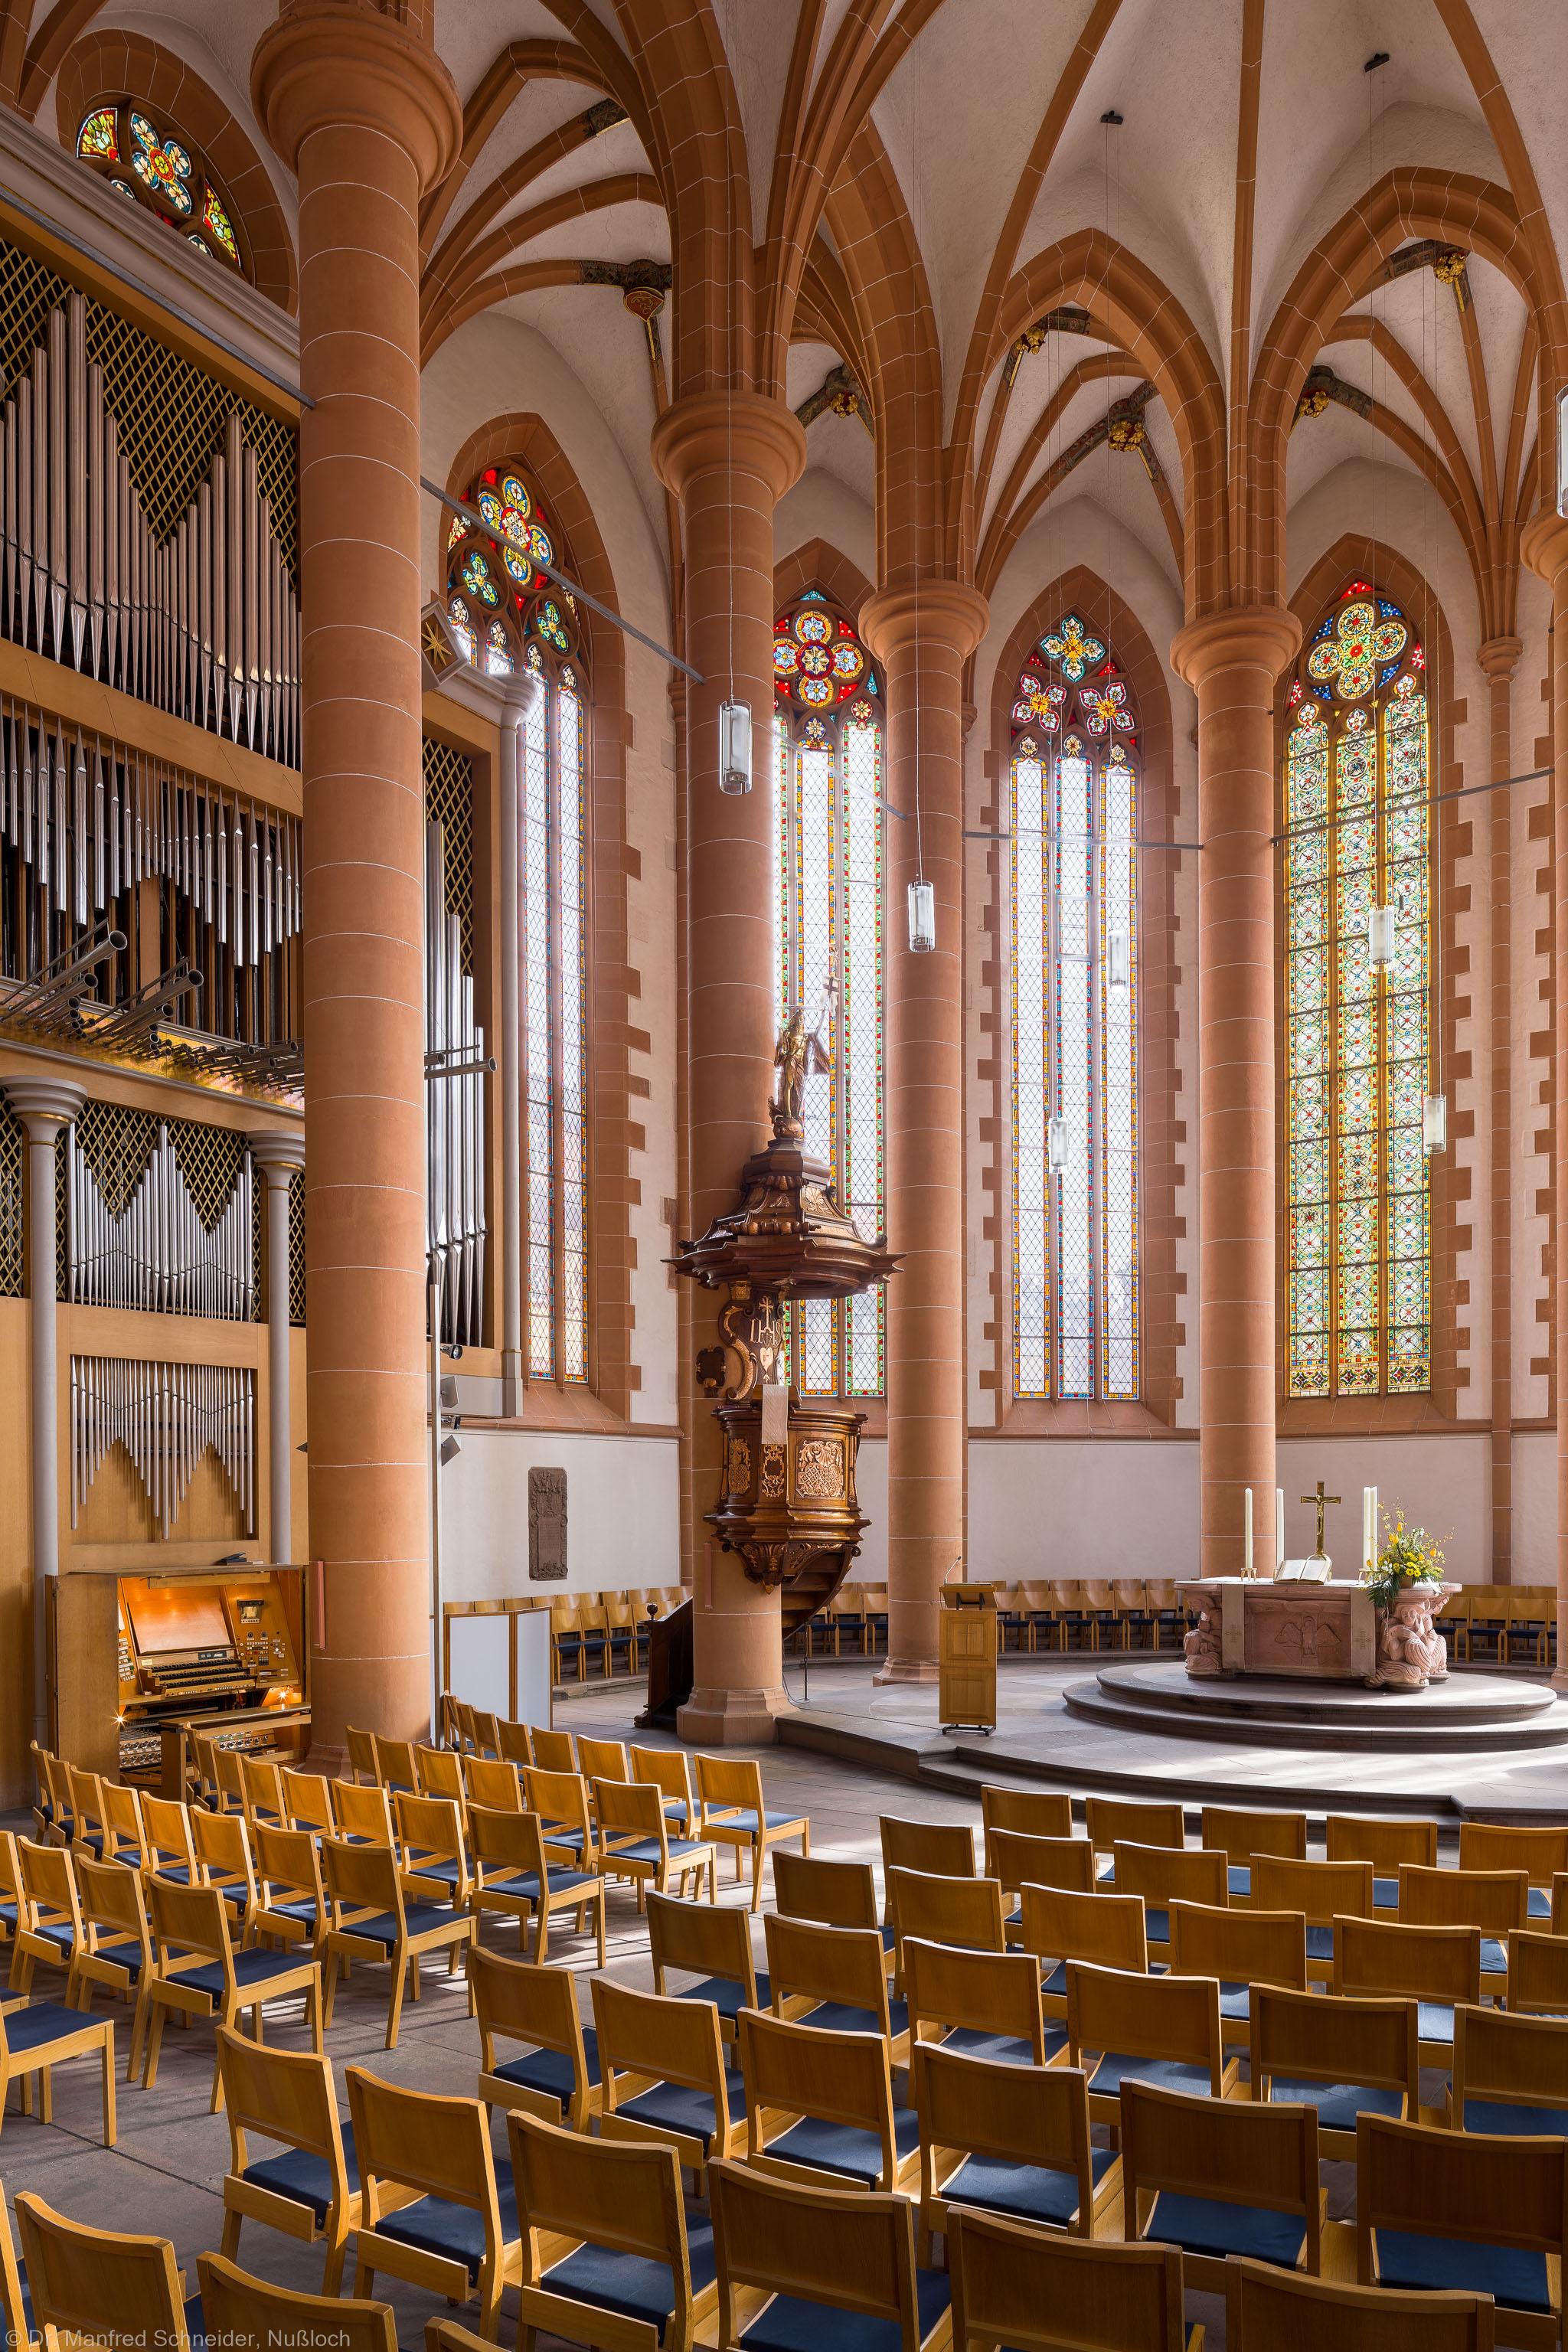 Heidelberg - Heiliggeistkirche - Chor - Blick in den Chor nach Nordosten mit Säulen, Gewölbe, Orgel, Kanzel und Altar (aufgenommen im April 2013, am Vormittag)